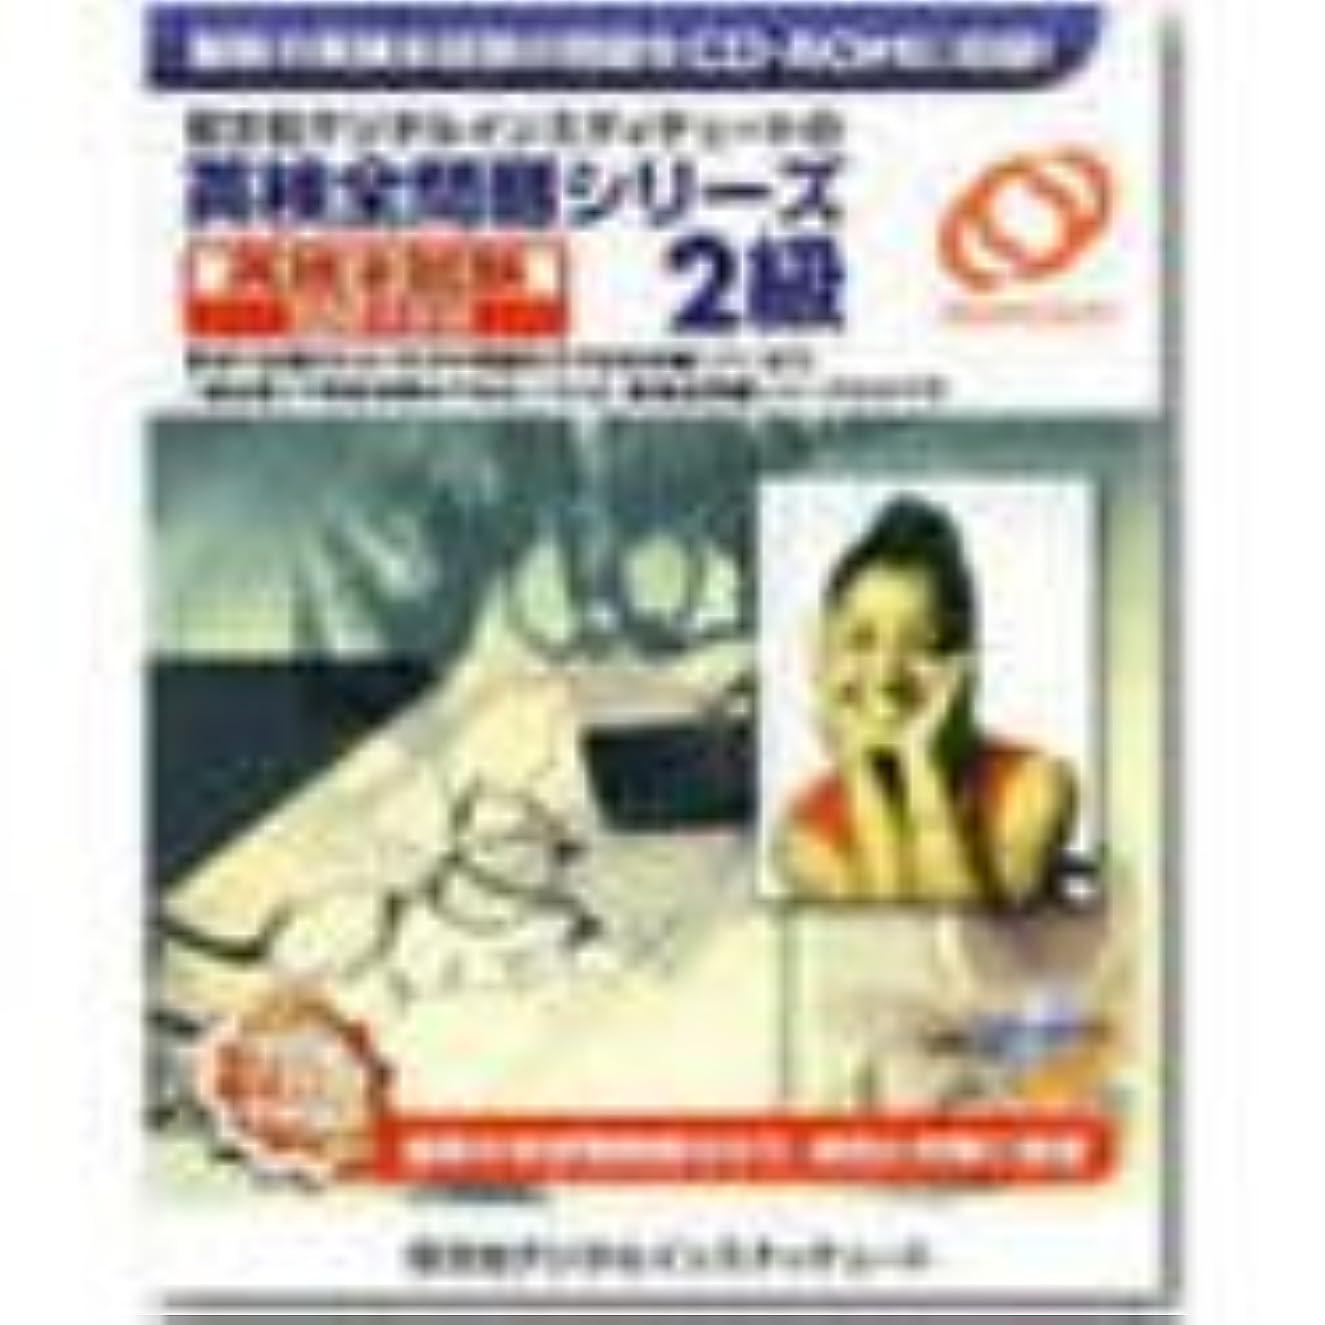 繊細折る調和のとれた英検全問題シリーズ 2002年度版 2級